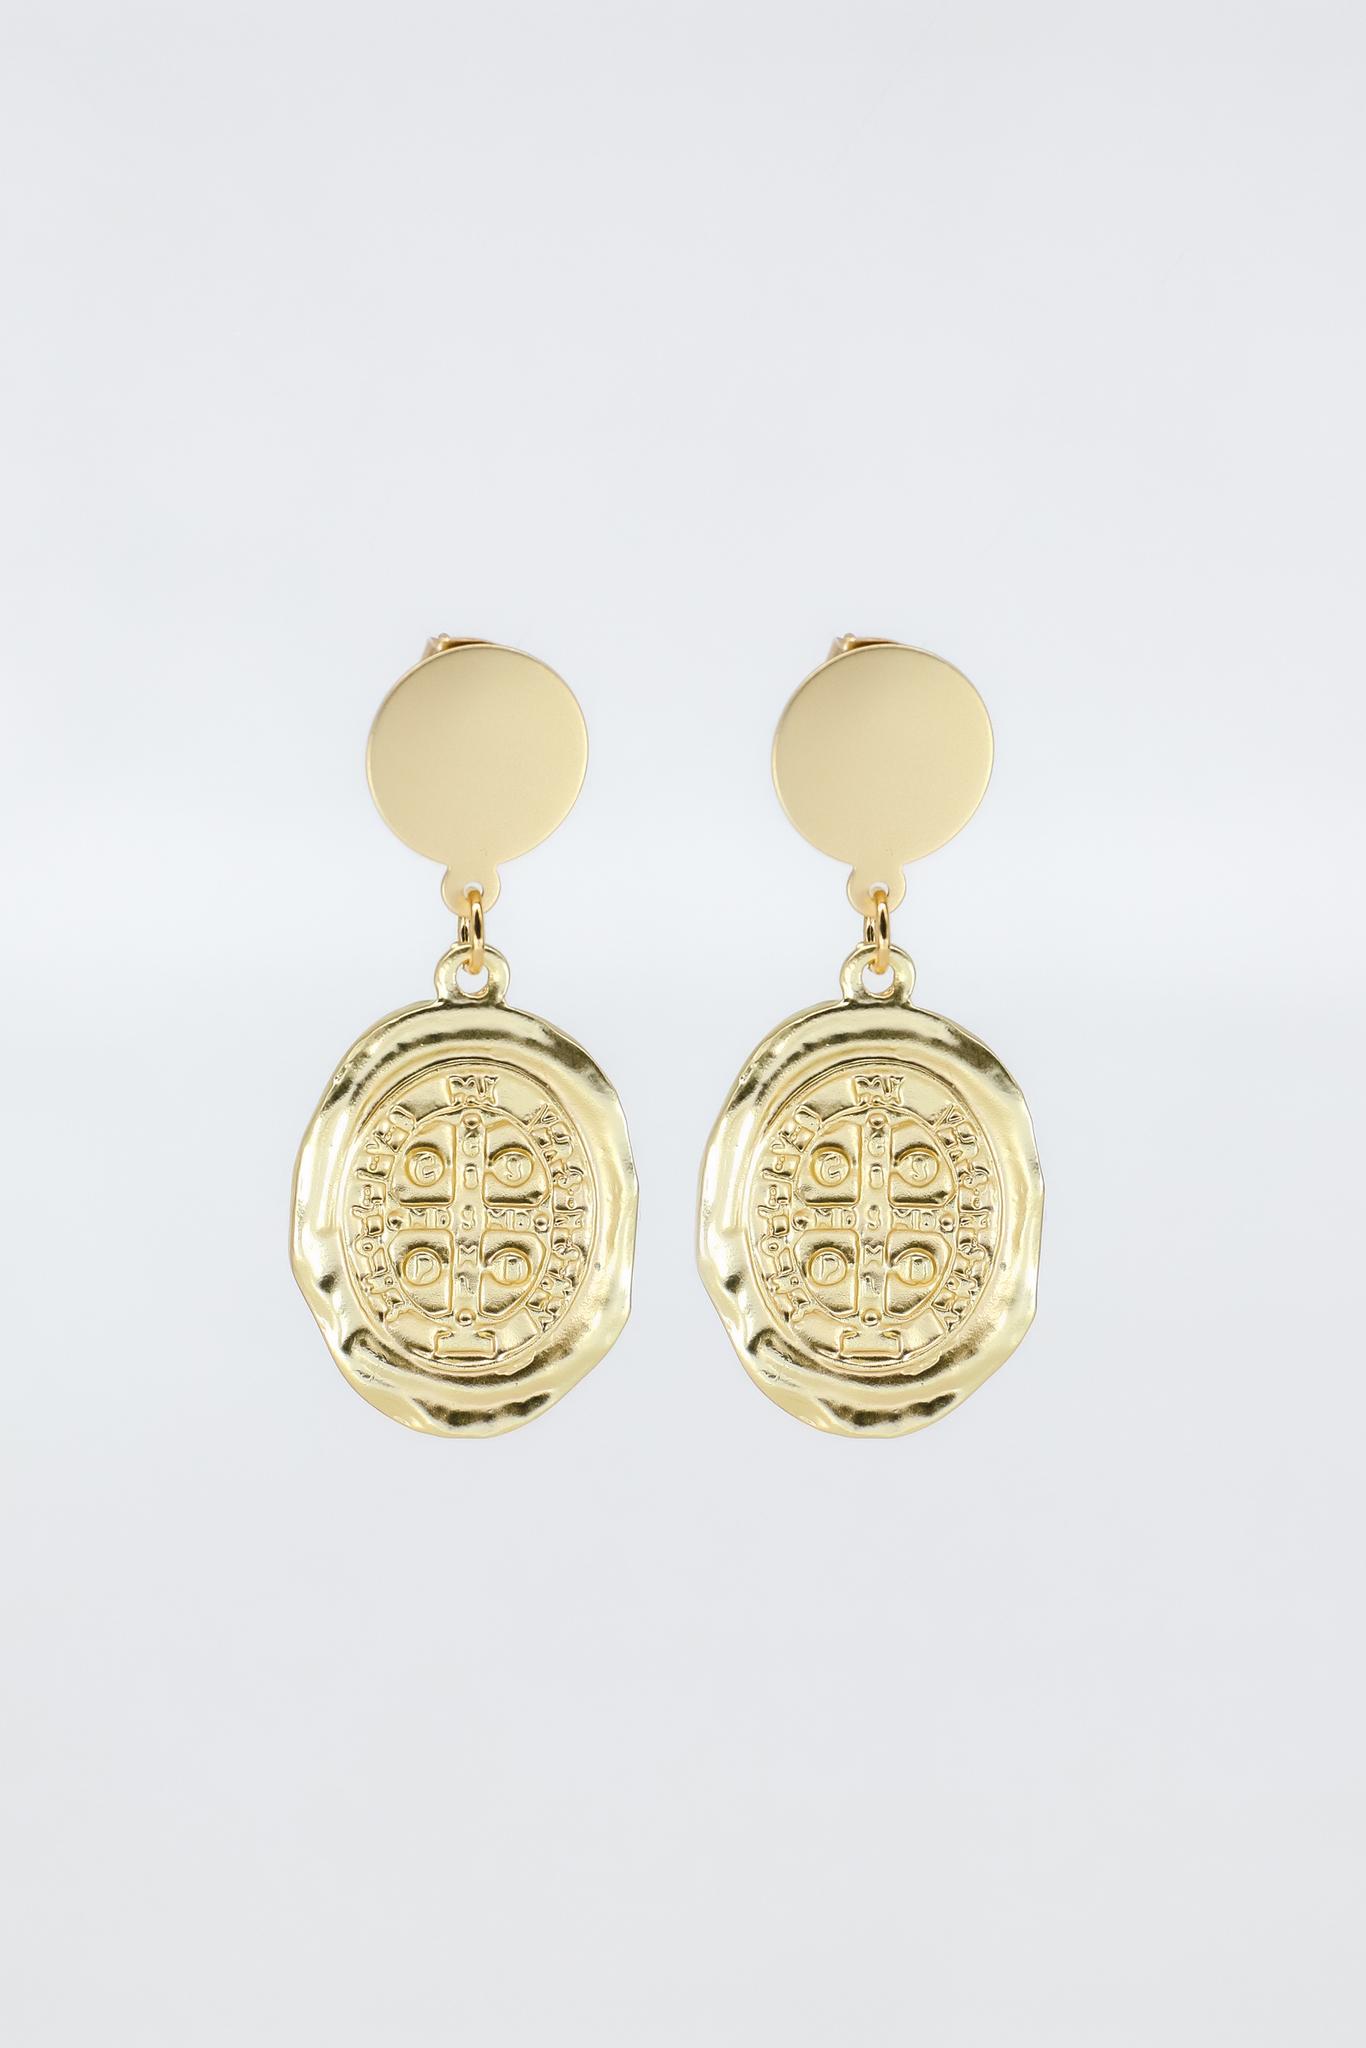 Серьги позолоченные с медальонами  оптом и в розницу